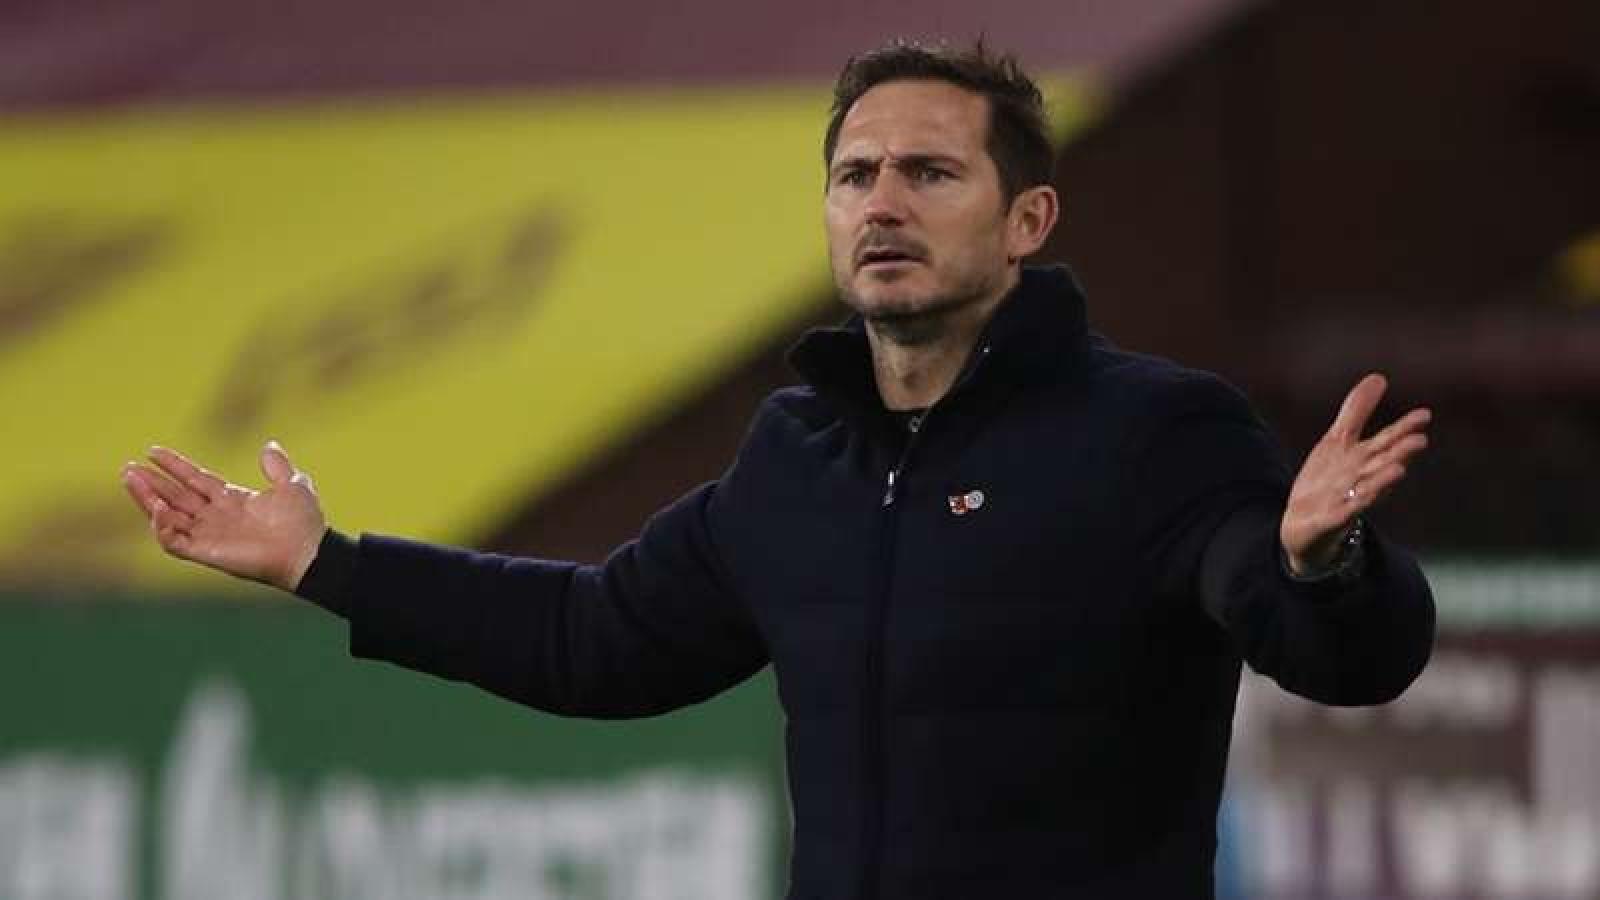 HLV Lampard chỉ trích các cầu thủ Chelsea sau trận thua Arsenal